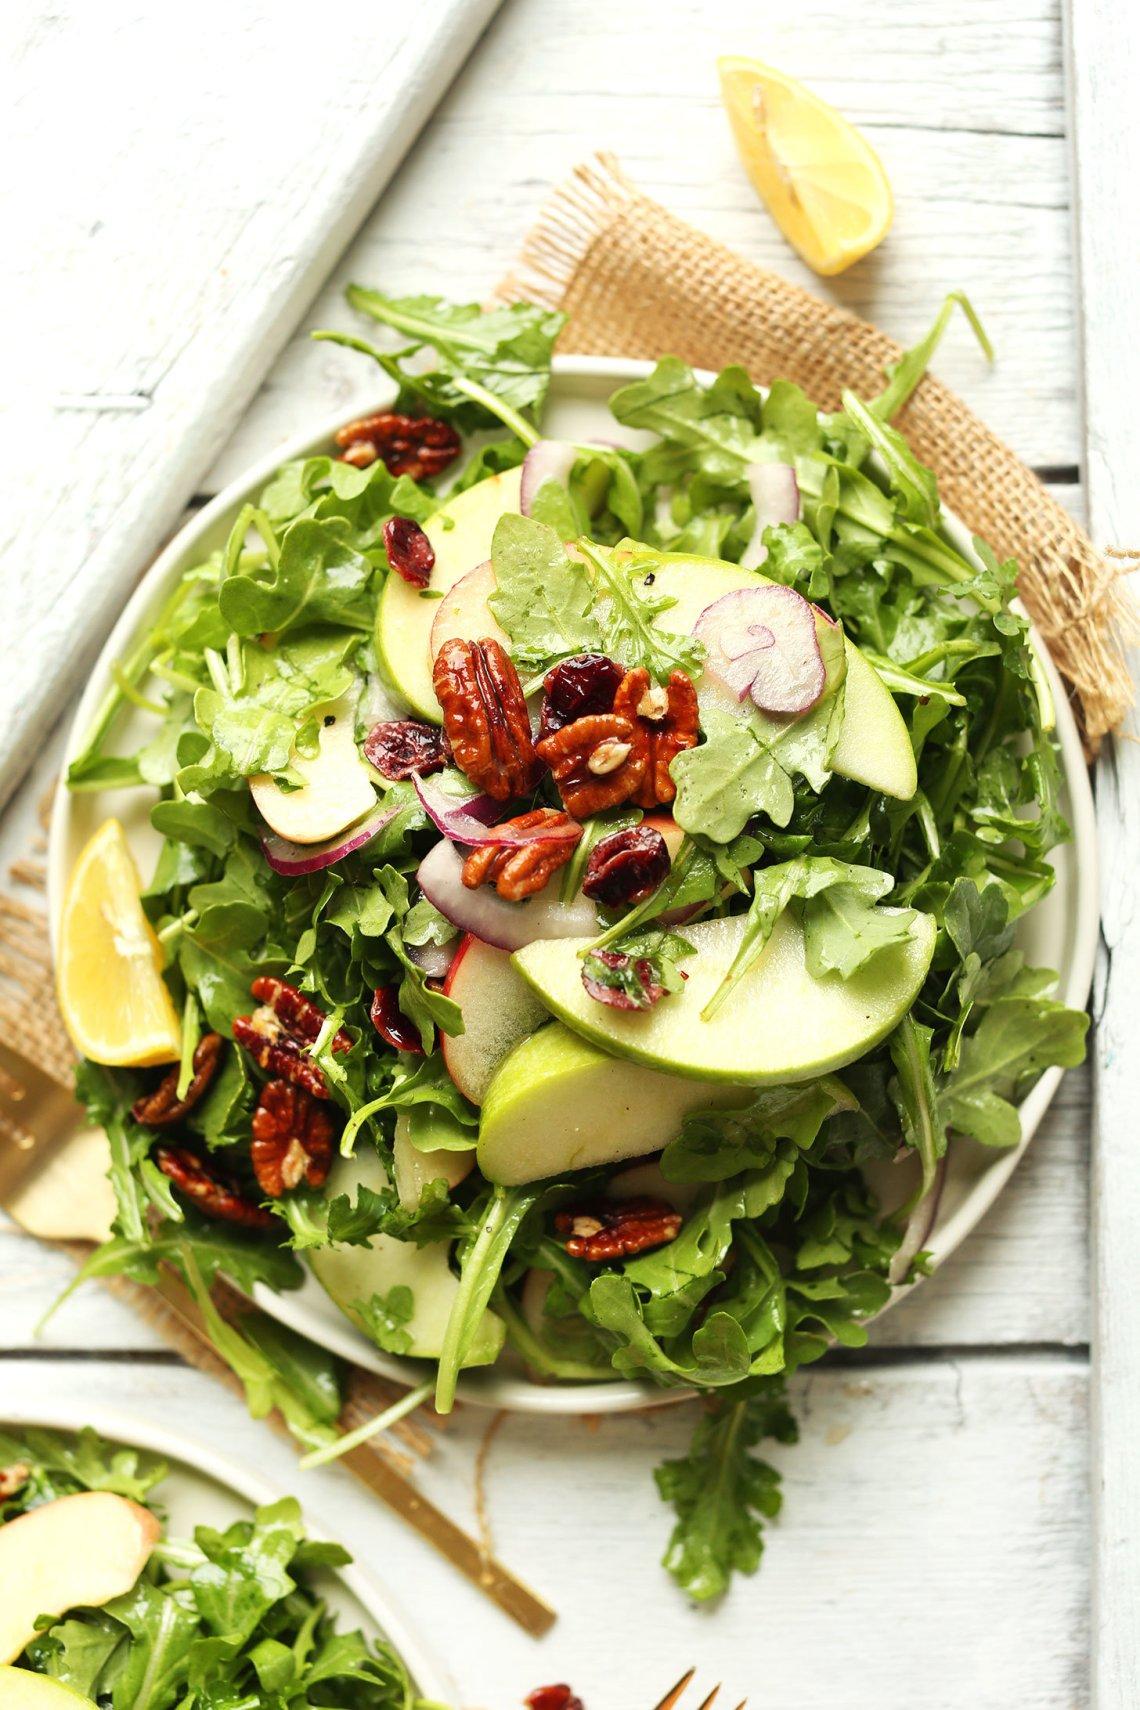 Apple Pecan Arugula Saladfrom Minimalist Baker